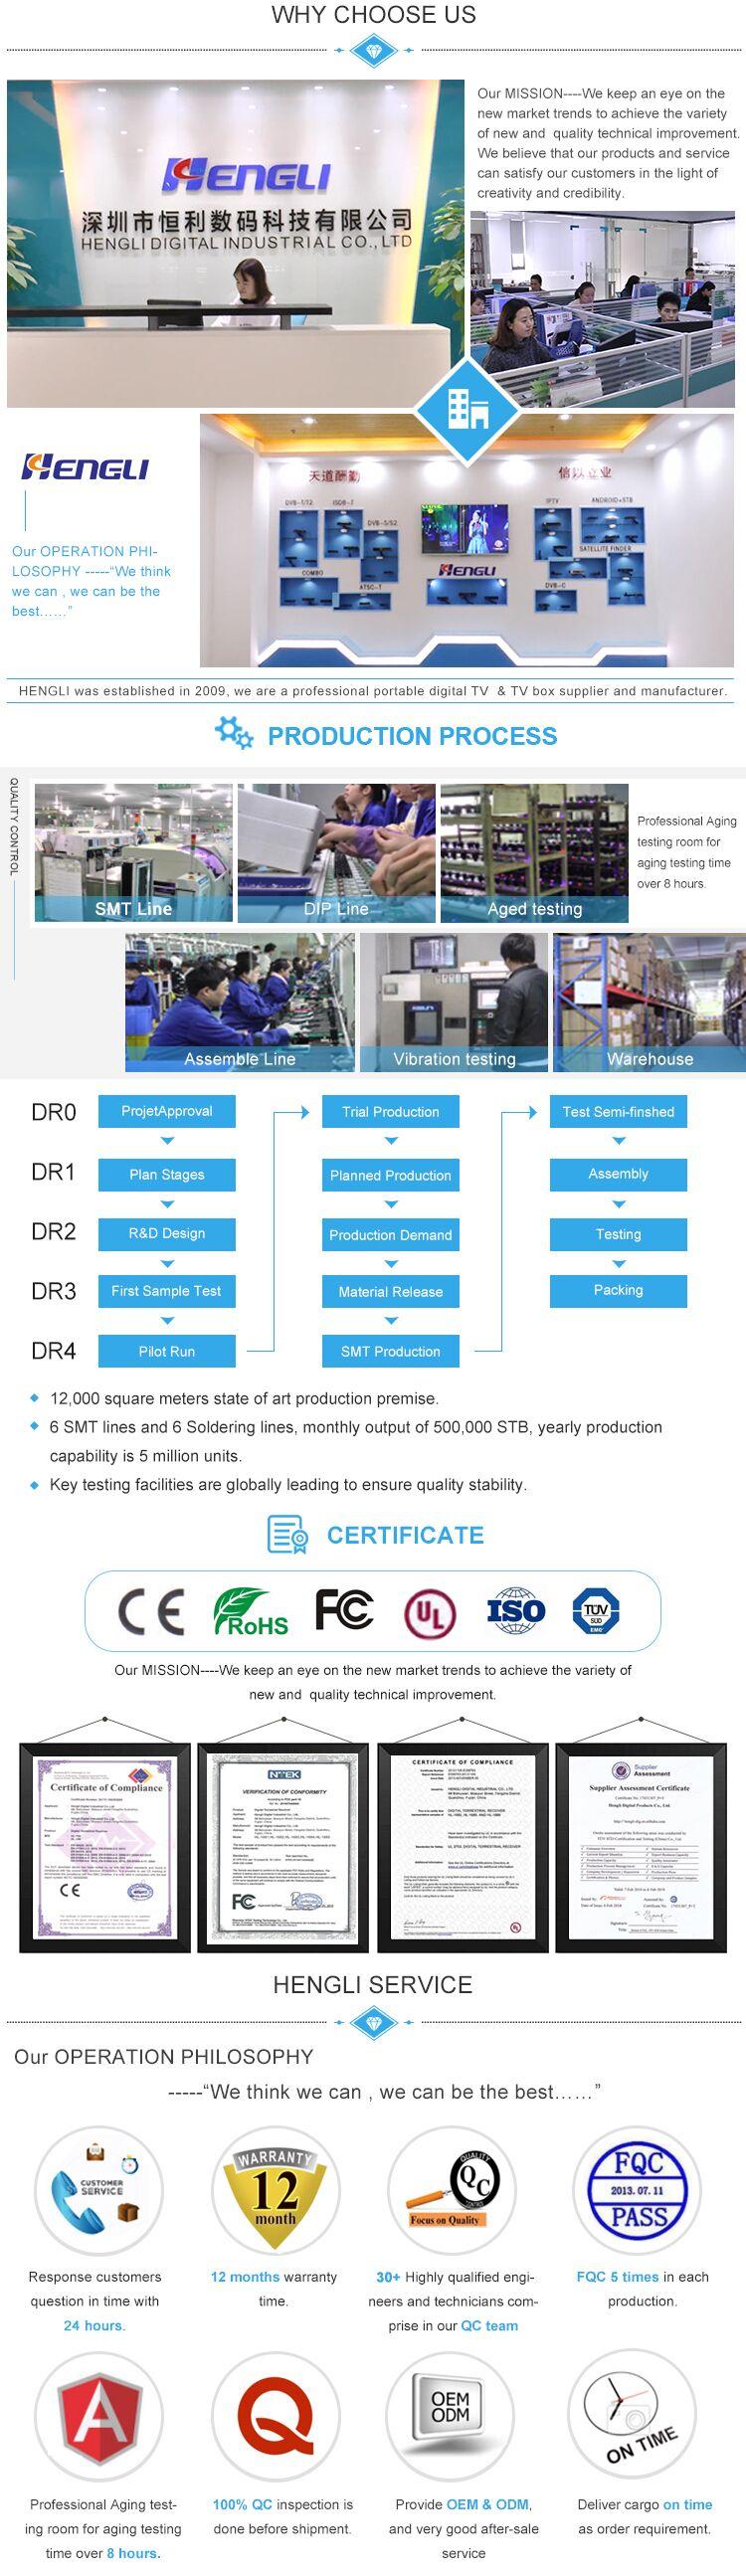 Offre Spéciale ATSC/DVB-T2/ISDB Portable Téléchargement APK DE TÉLÉVISION En Direct Récepteur/Tuner/Dongle Pour Montre TÉLÉVISION Librement